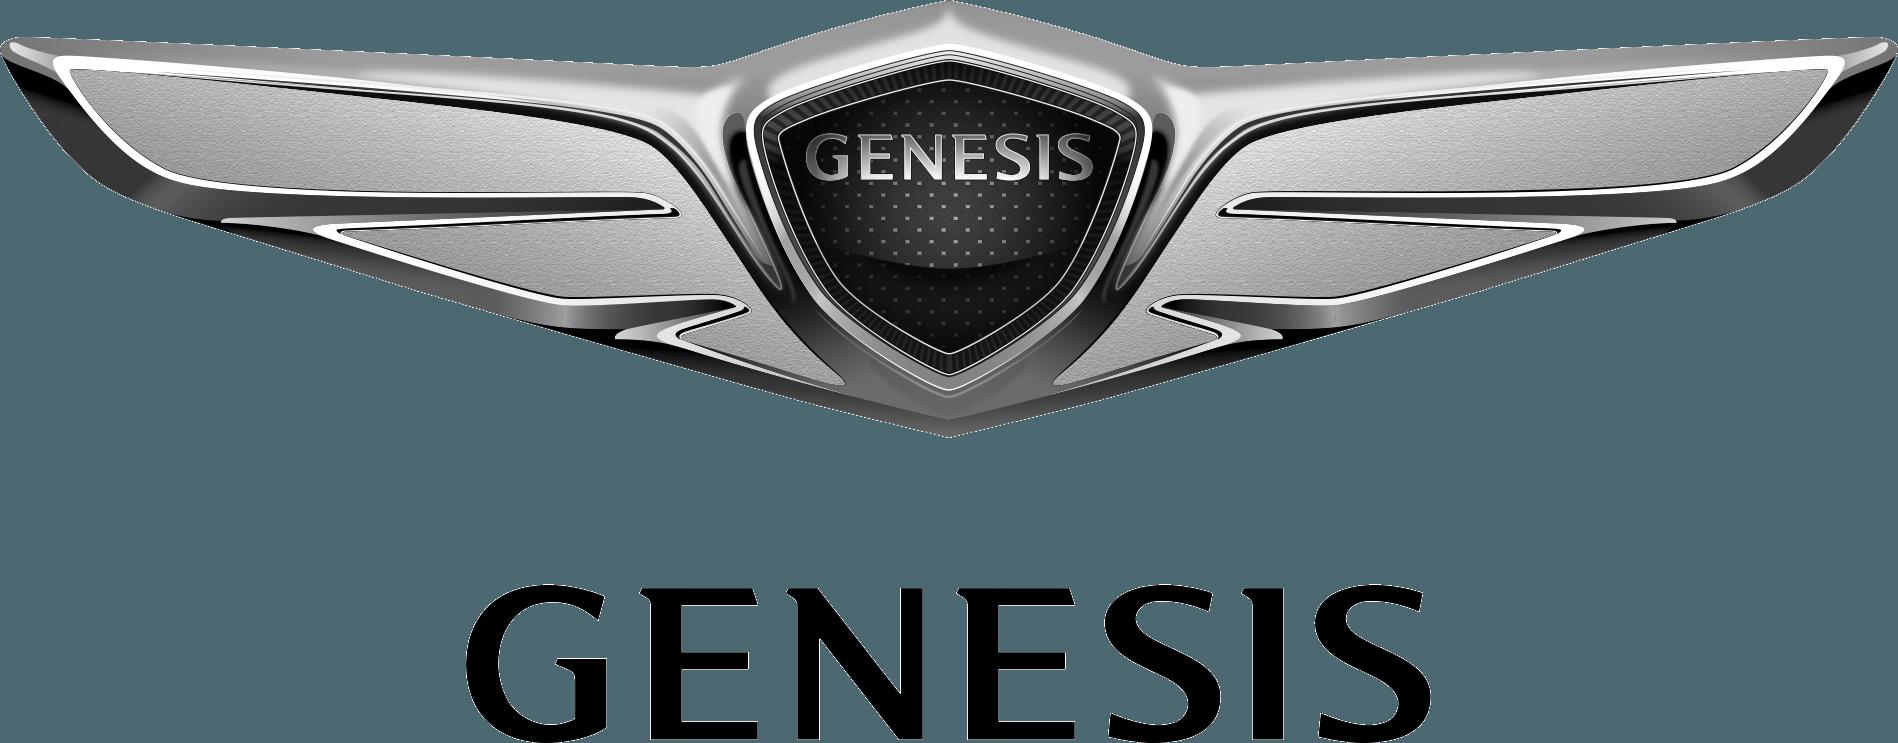 genesis-refaire-cle-serrurier-automobile